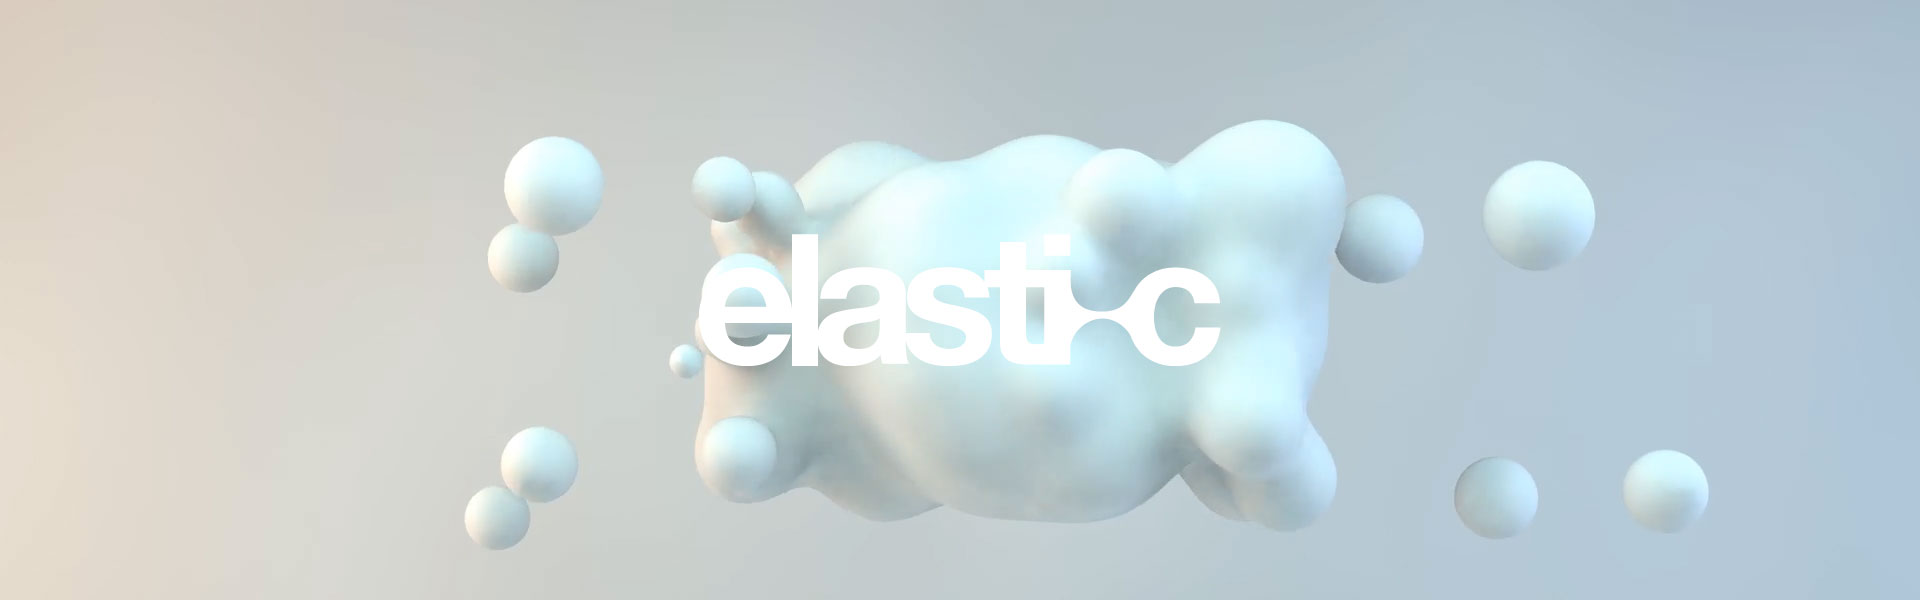 Elastic Video Ident